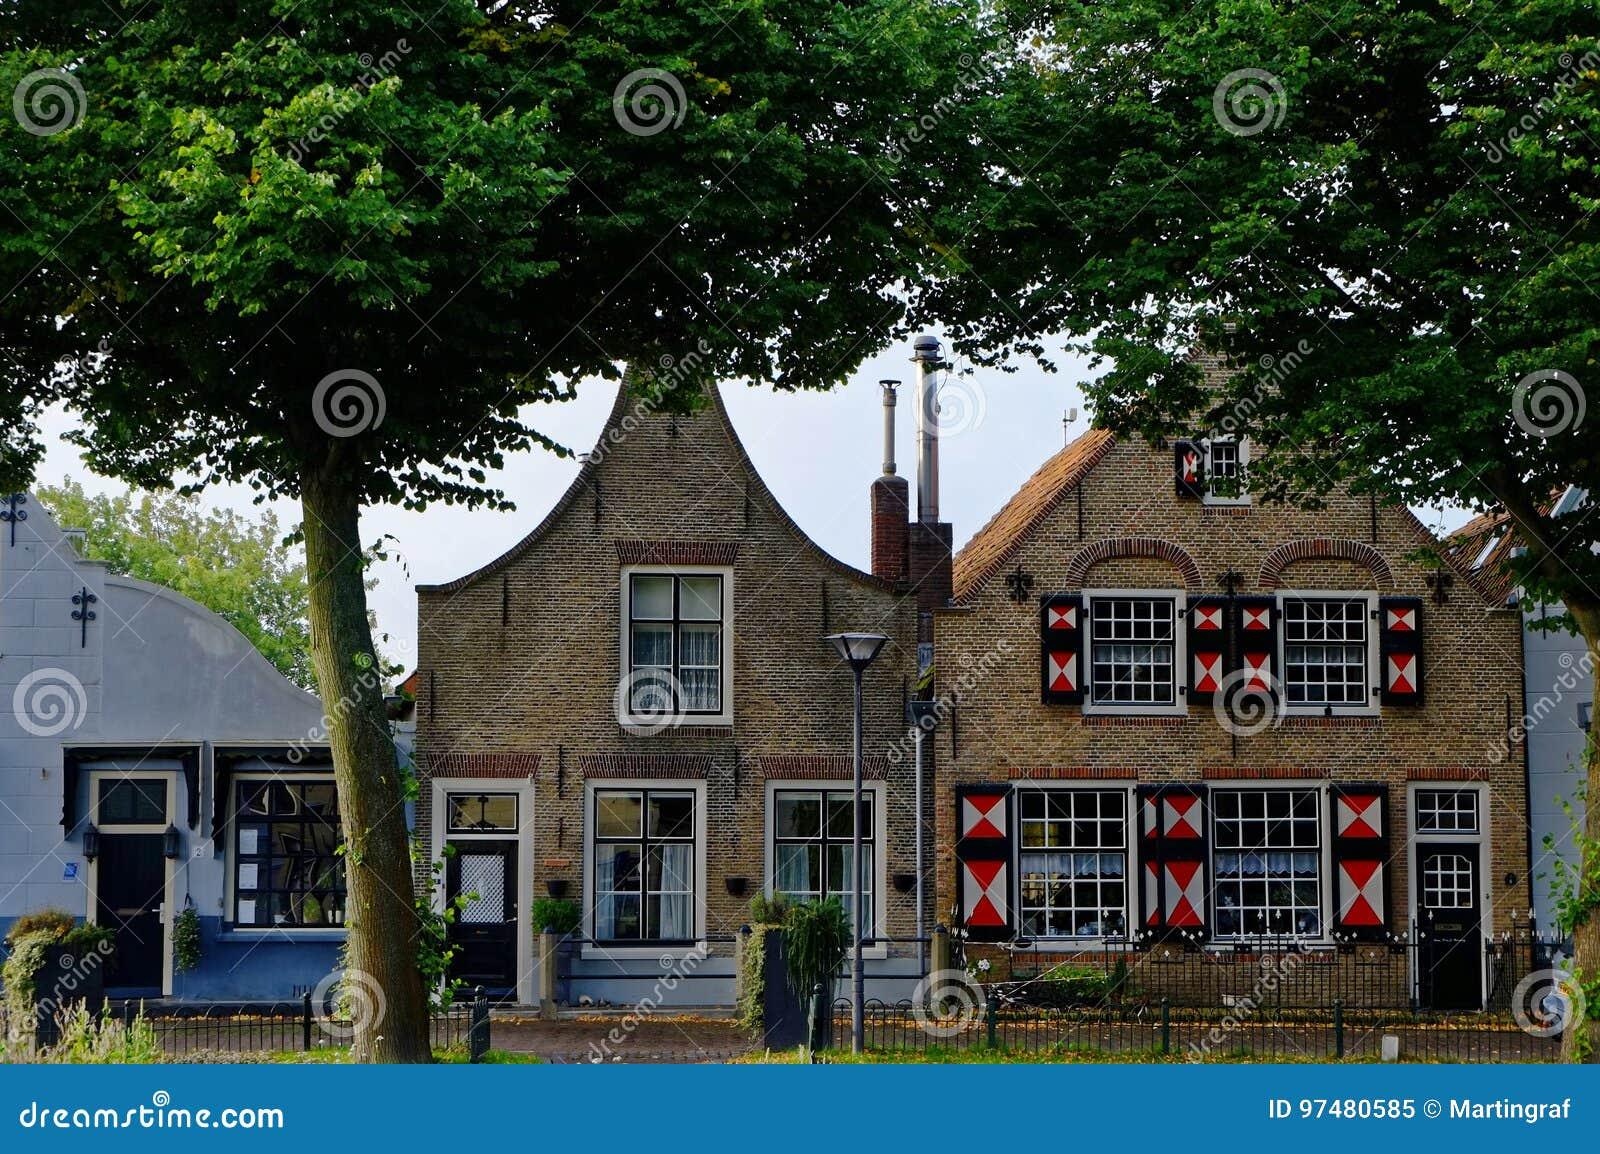 Case urbane della città olandese Zuidland